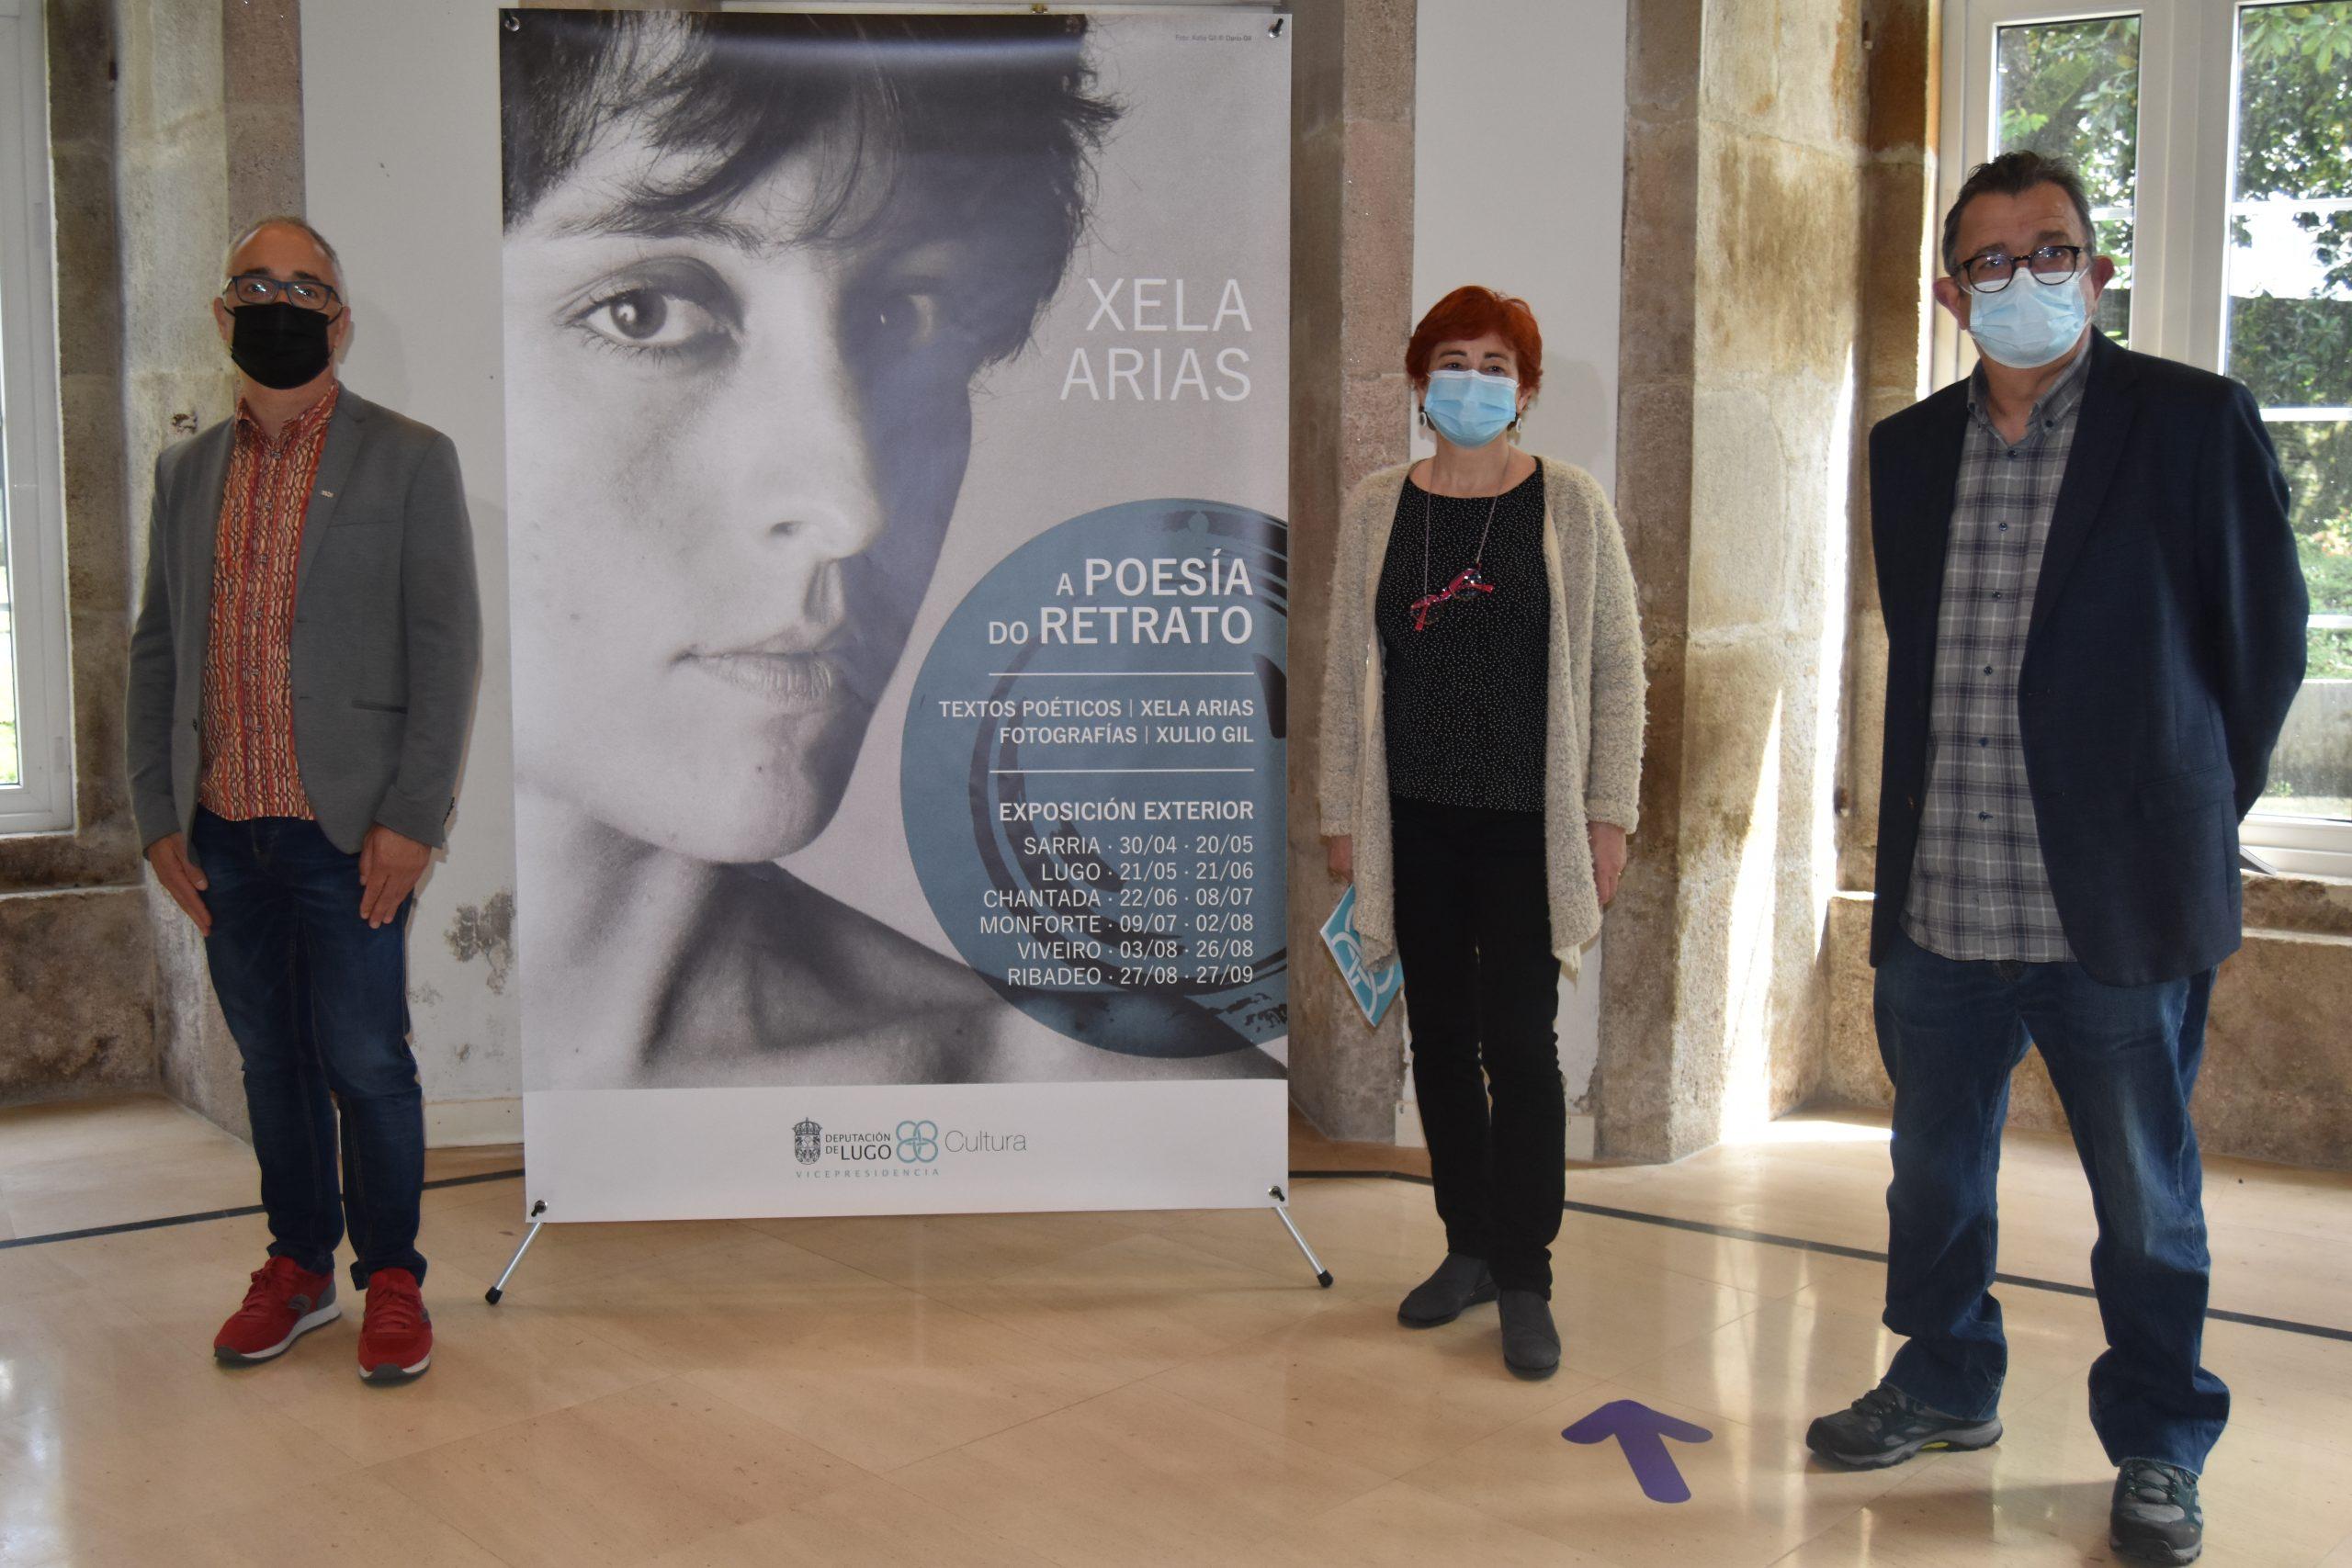 """A Vicepresdencia presentou o proxecto expositivo """"Xela Arias. A poesía do retrato"""",  con imaxes de Xulio Gil e fragmentos poéticos da autora homenaxeada polas Letras Galegas"""